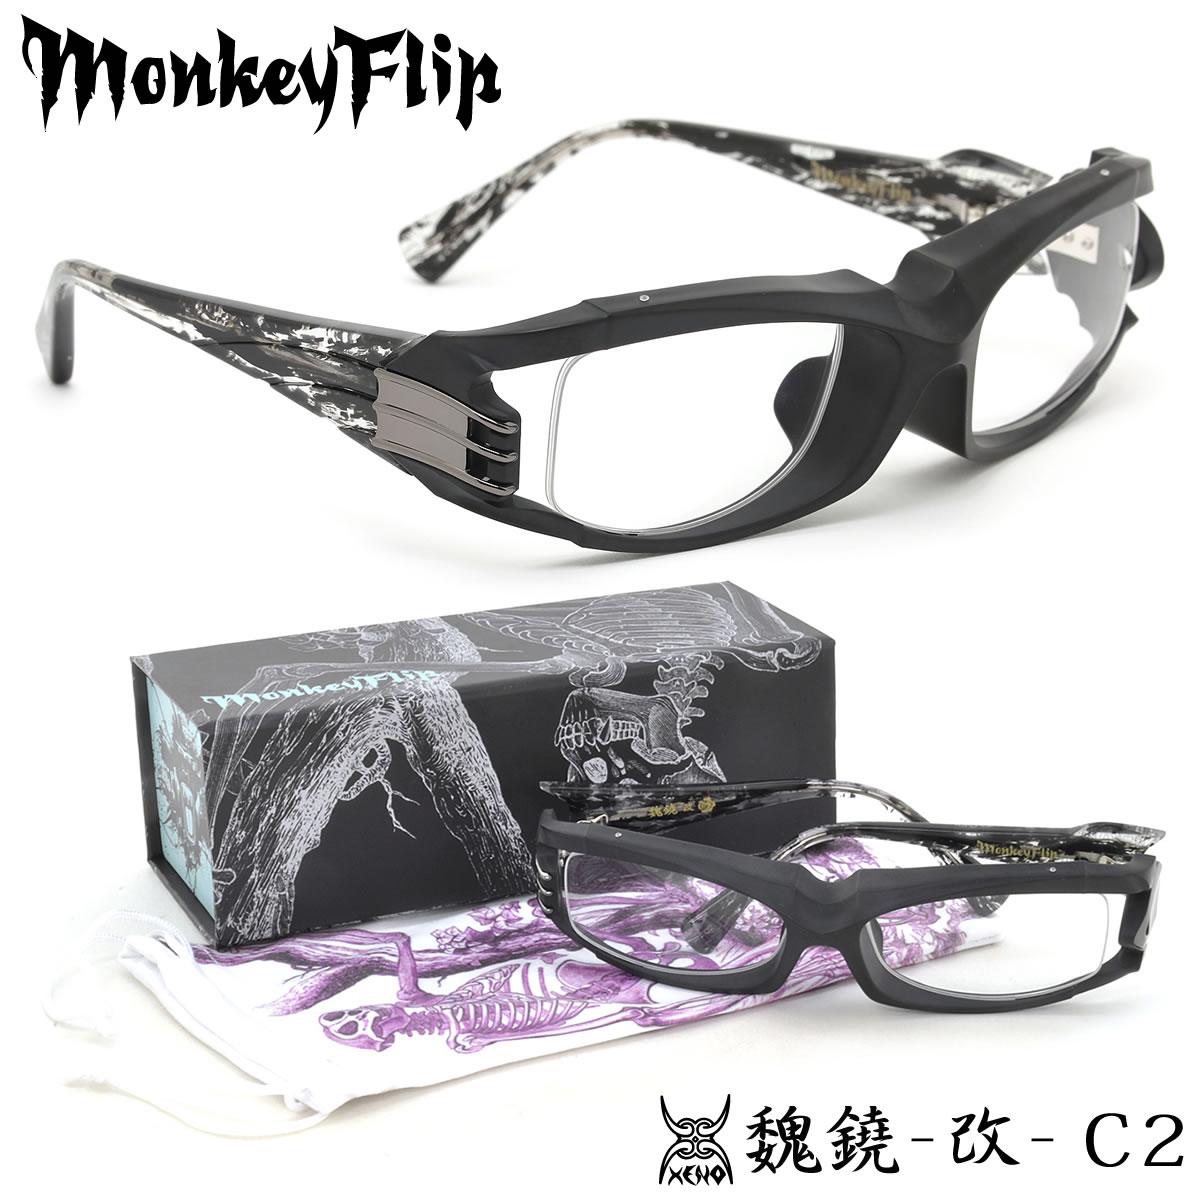 【Monkey Flip】(モンキーフリップ) メガネ 魏鐃改 C2 61サイズ 魏鐃-改- XENO ギドラカイ ゼノ モンキーフリップ MonkeyFlip メンズ レディース